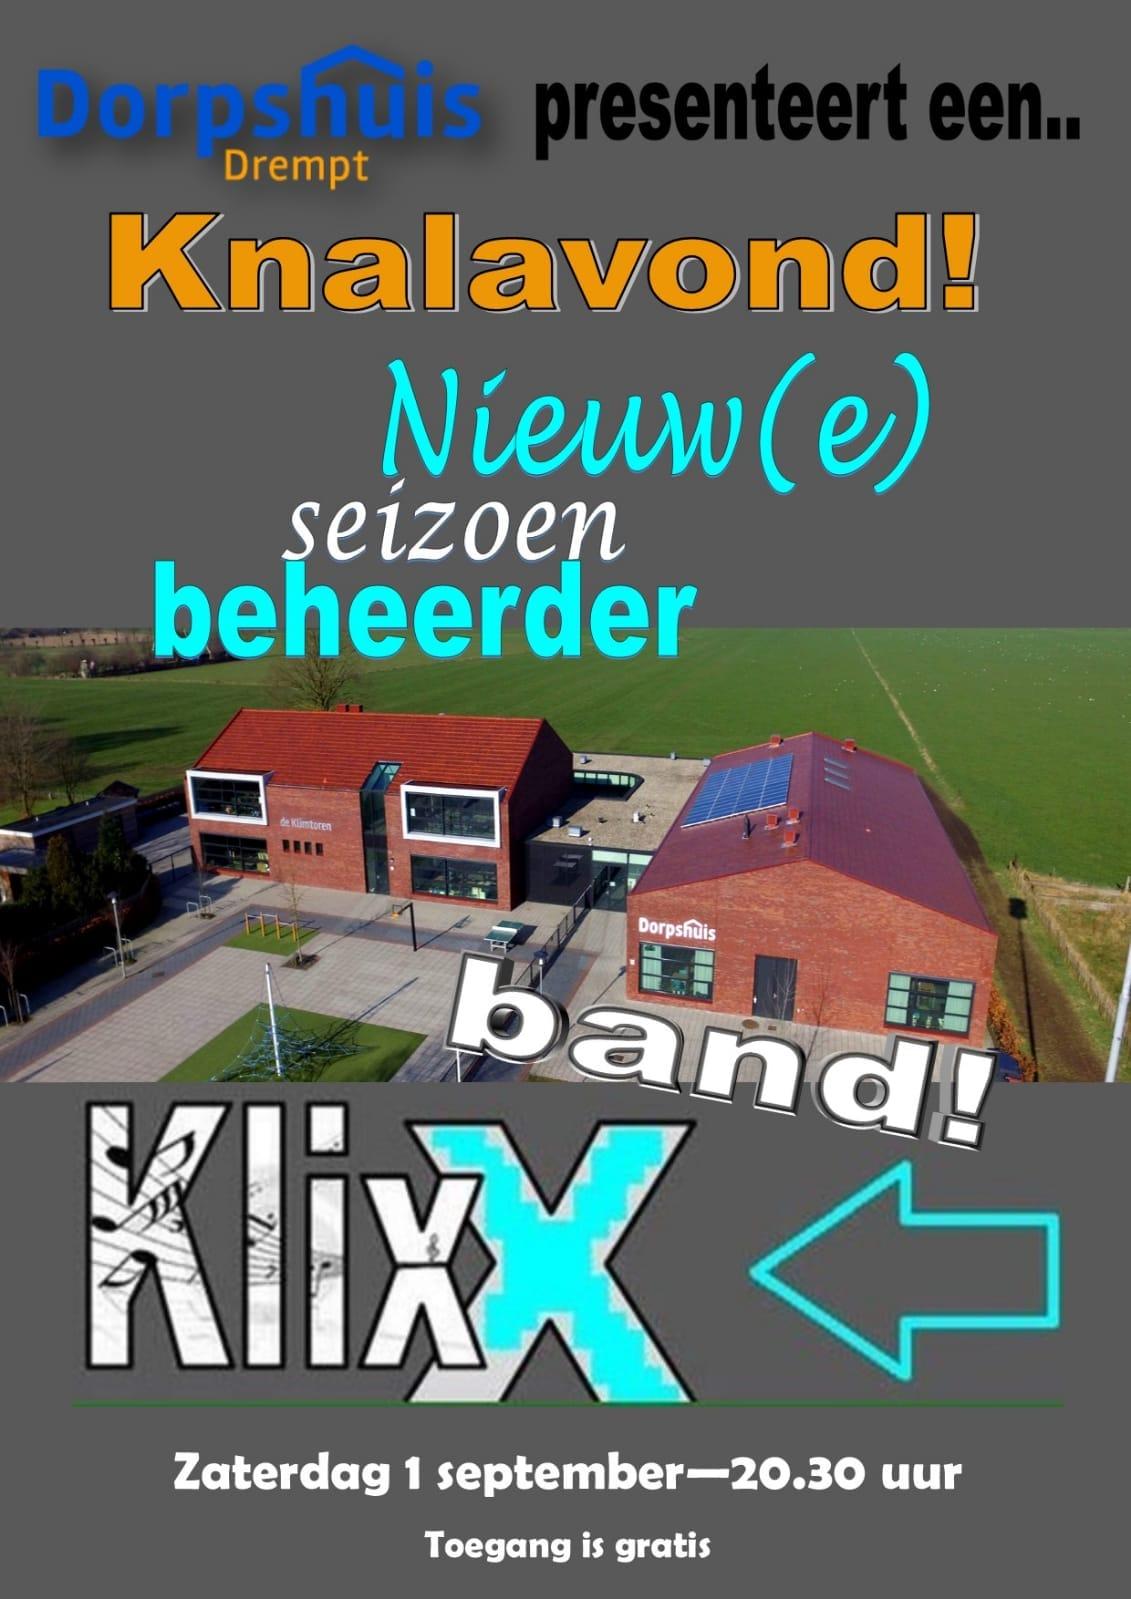 Knalavond in het Dorpshuis met KlixX Band